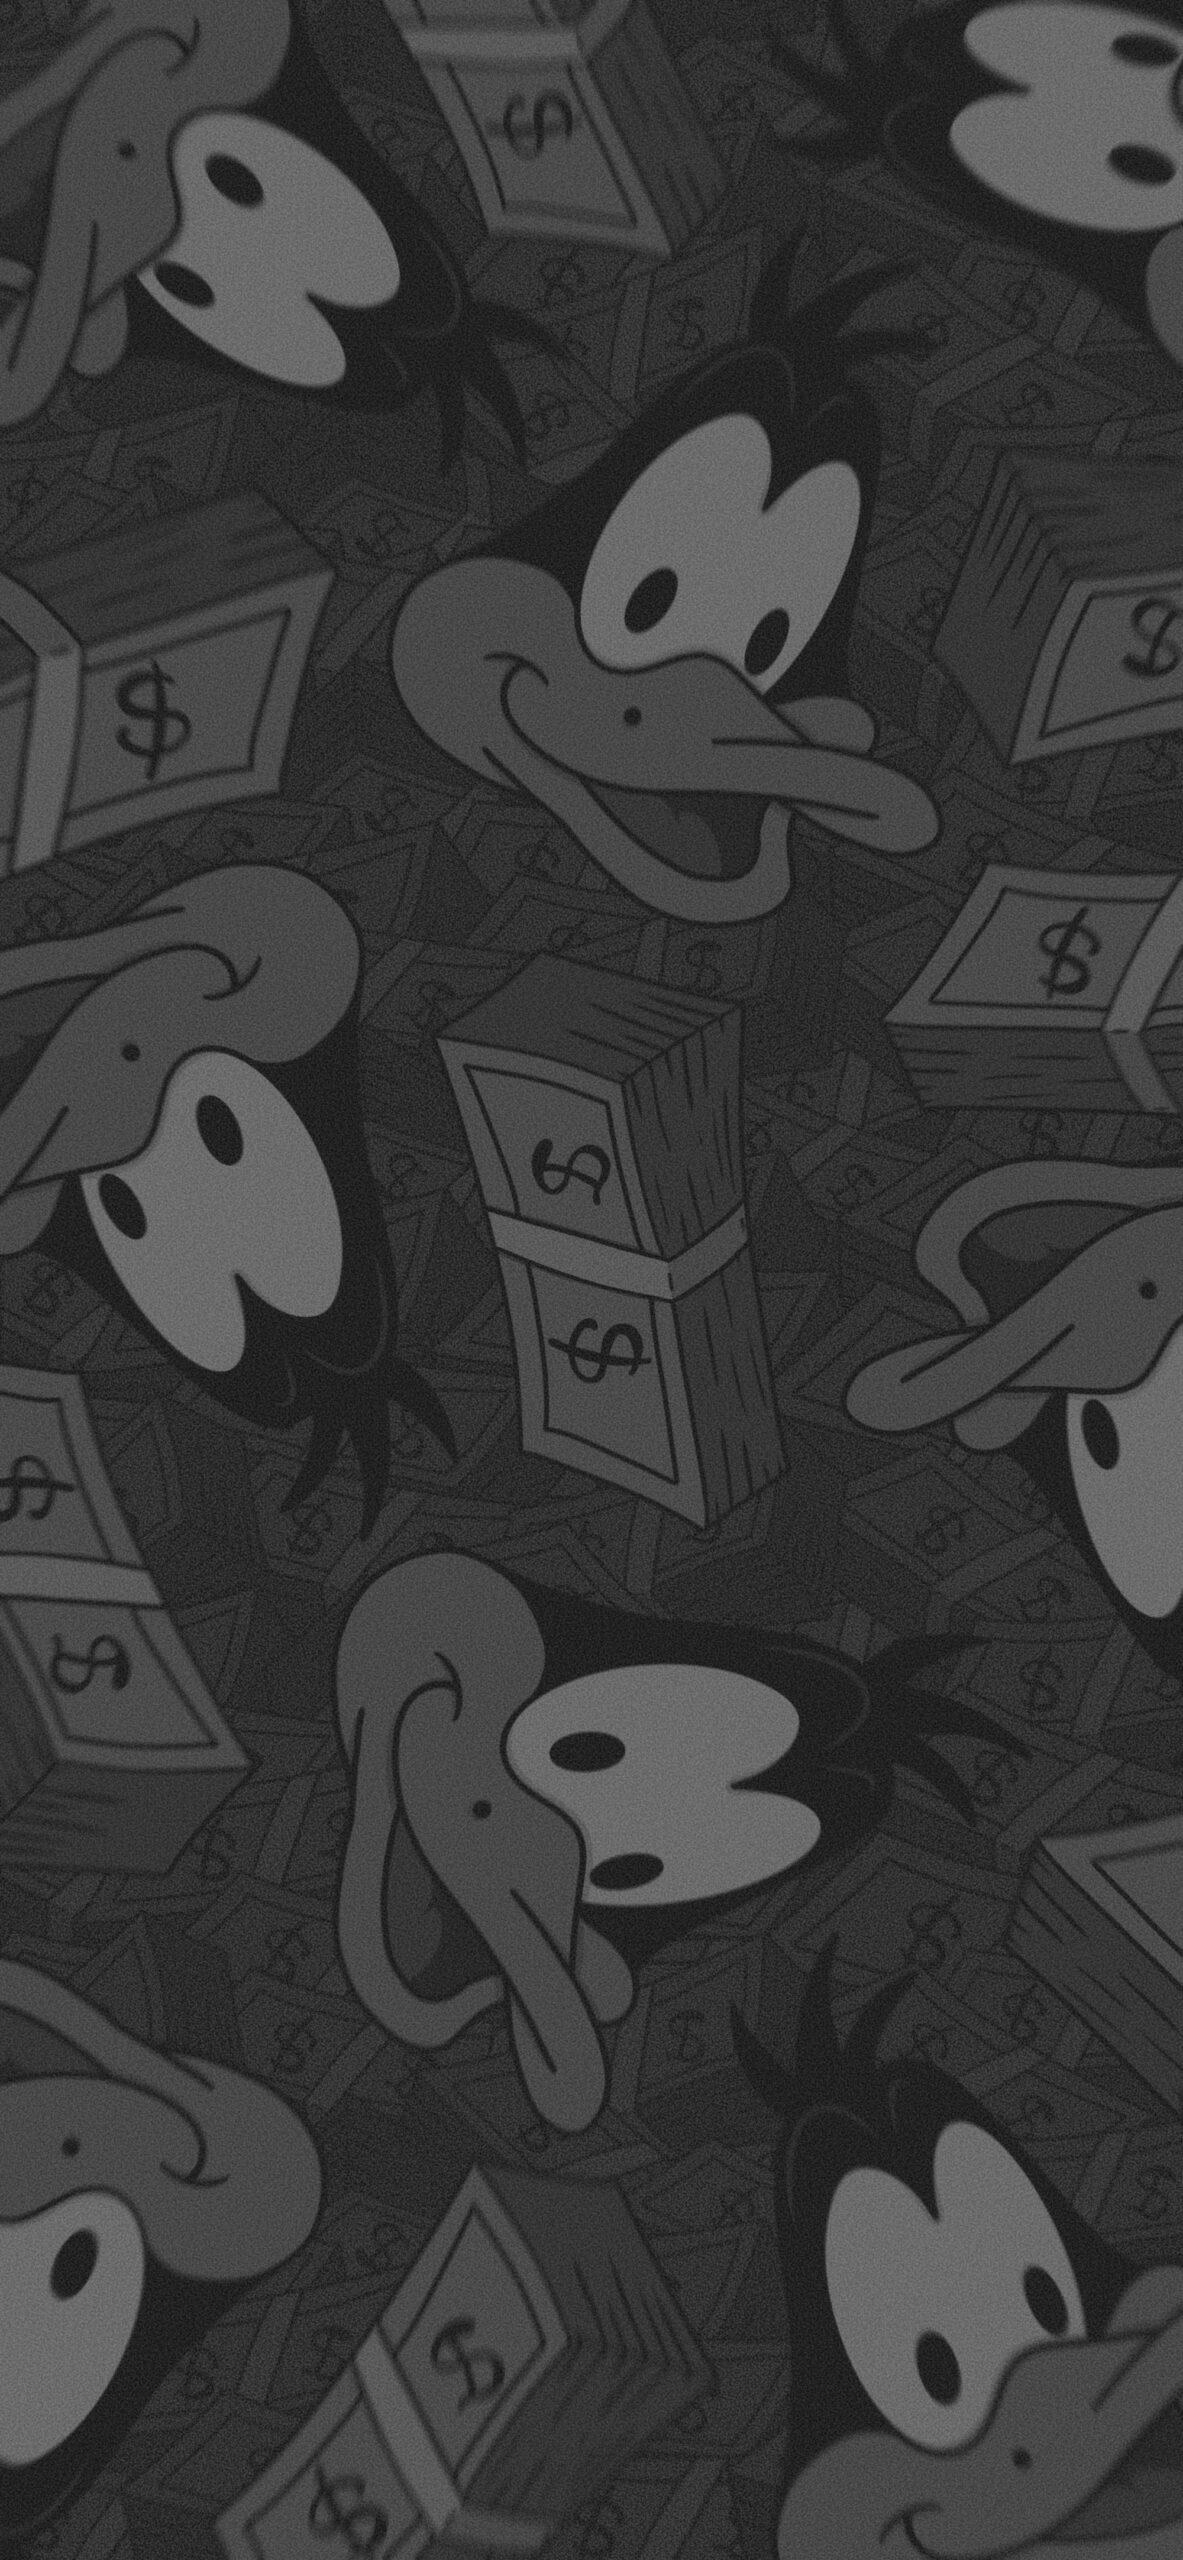 looney tunes daffy duck money background